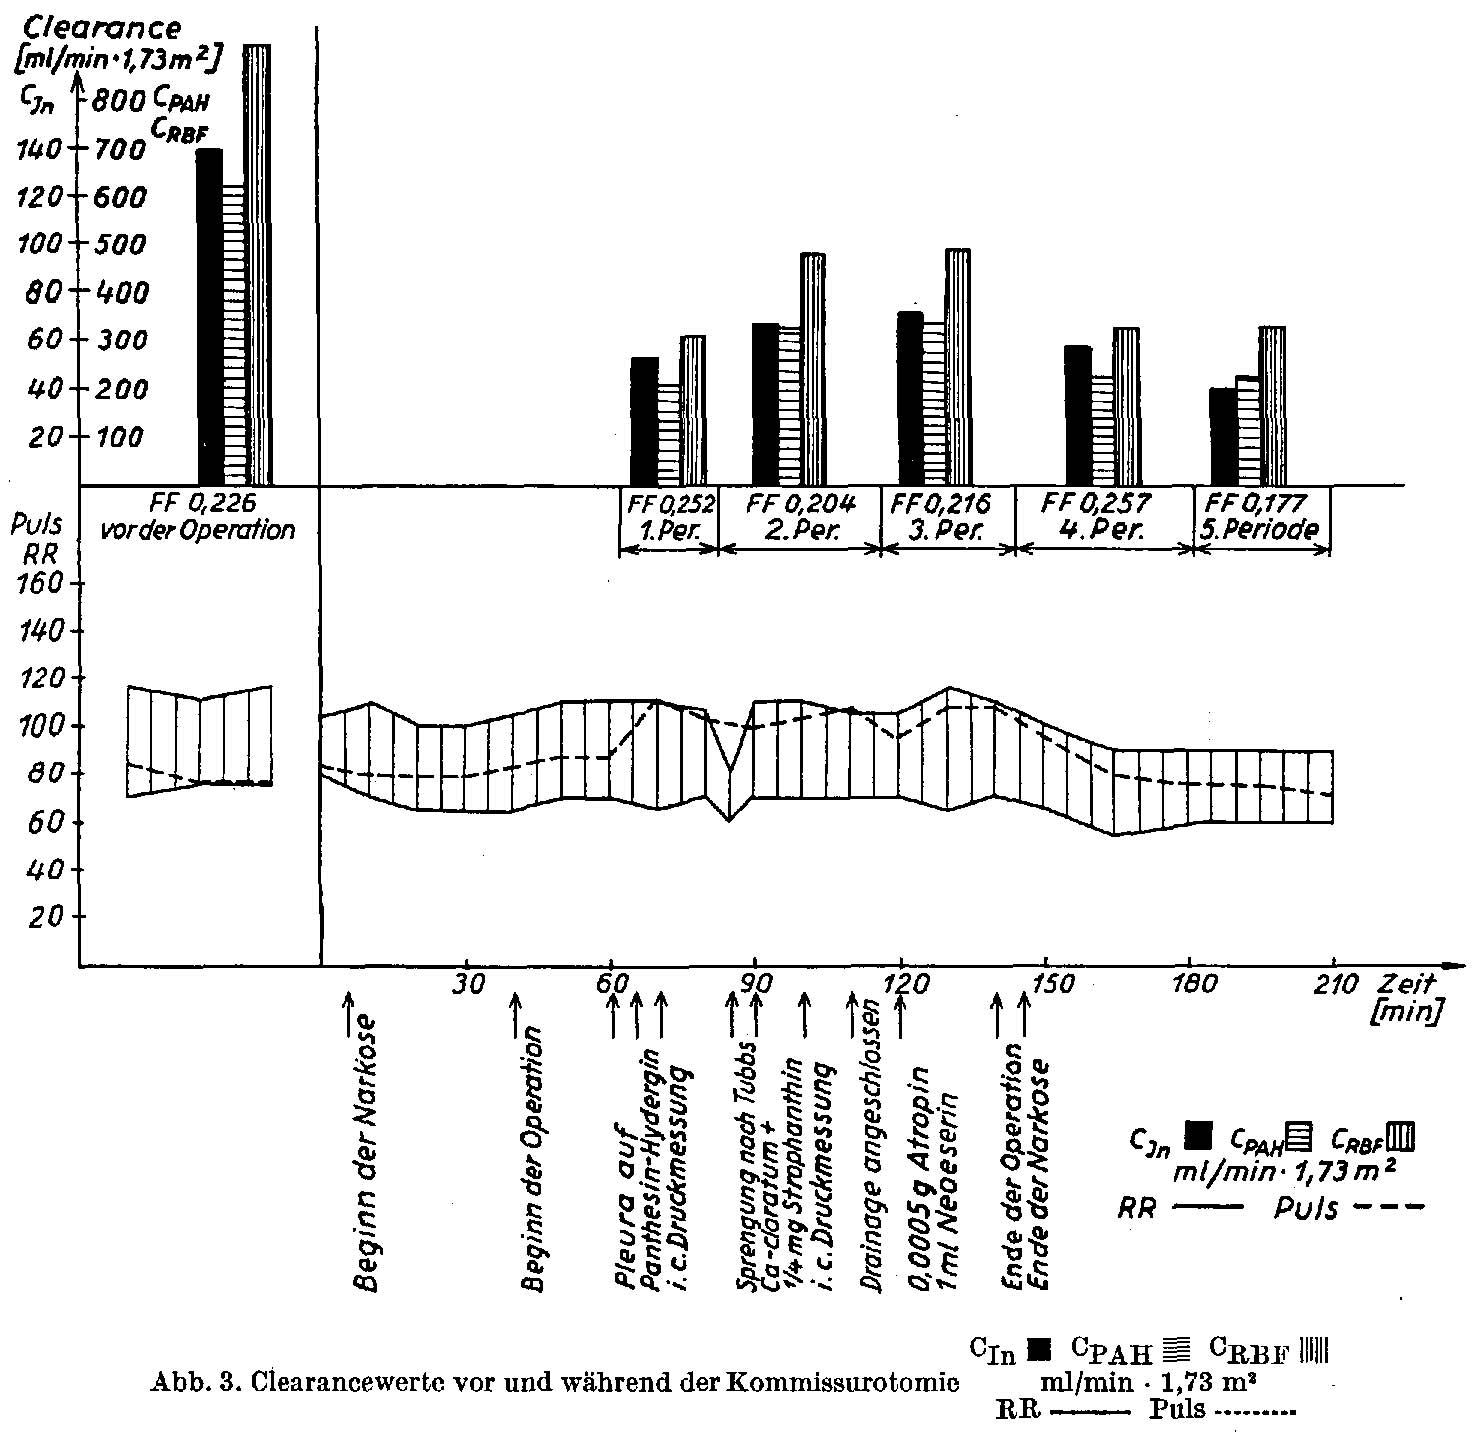 Zur Hämodynamik der Niere bei Herzoperationen | SpringerLink